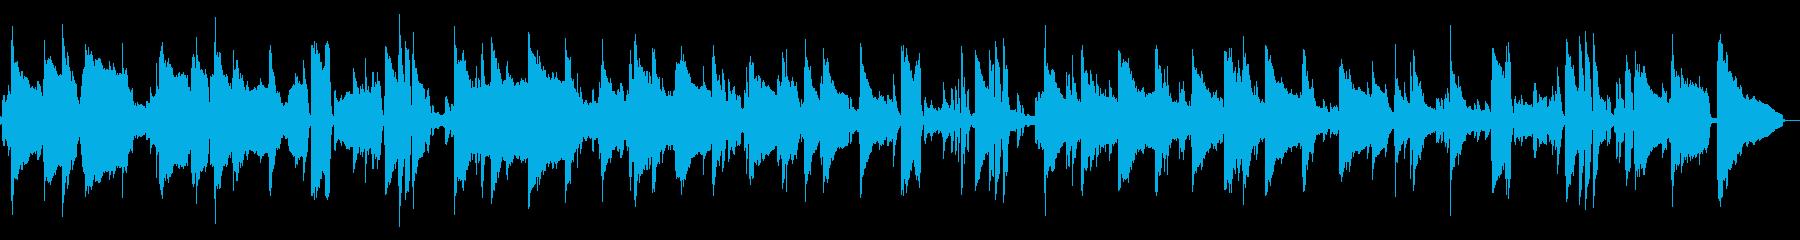 落ち着いた大人のジャズBGMの再生済みの波形